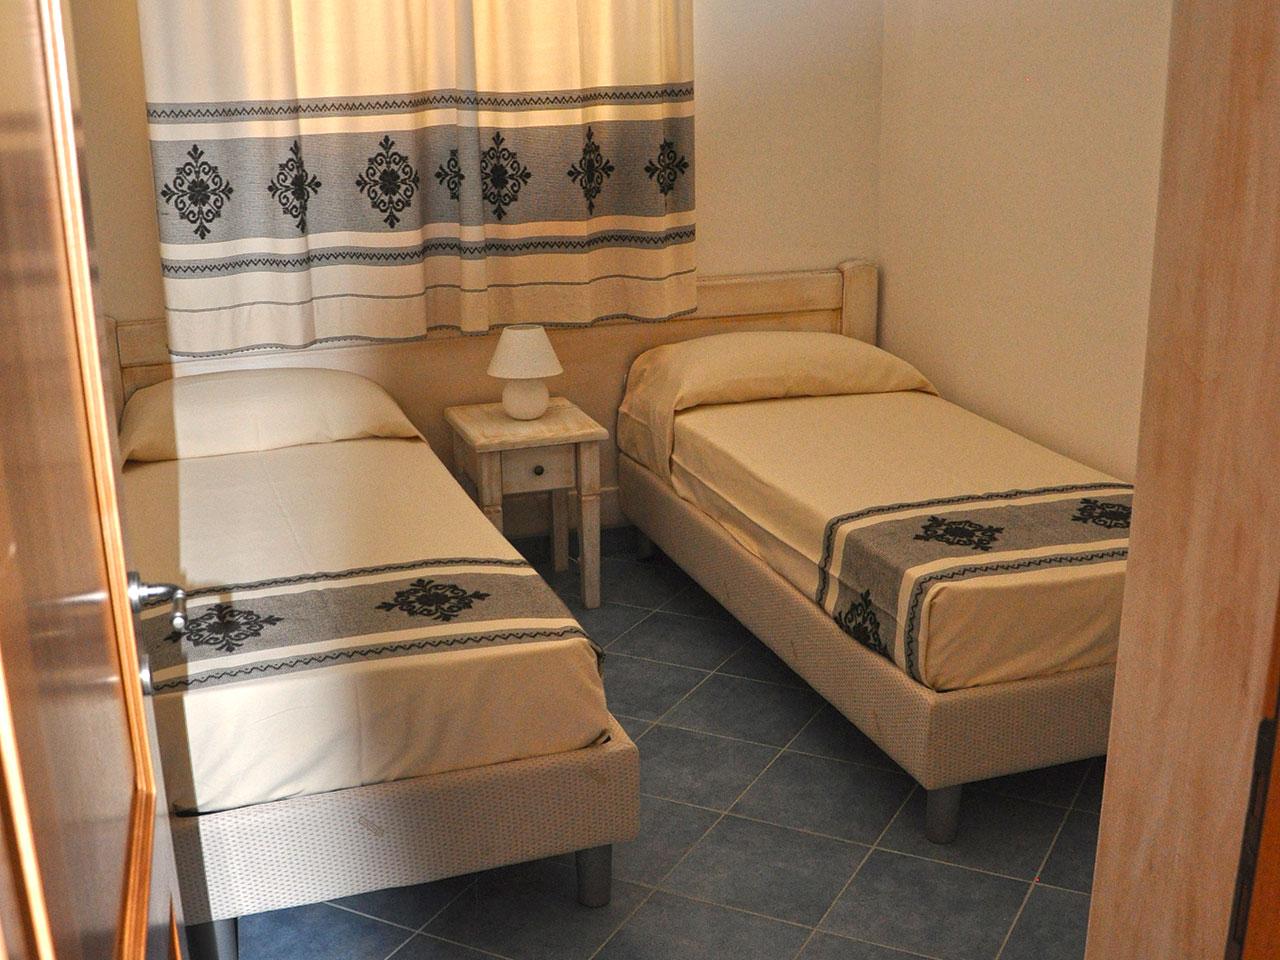 Appartamenti Borgo degli Ulivi - Villa - Arbatax - Tortoli' - Sardegna.com